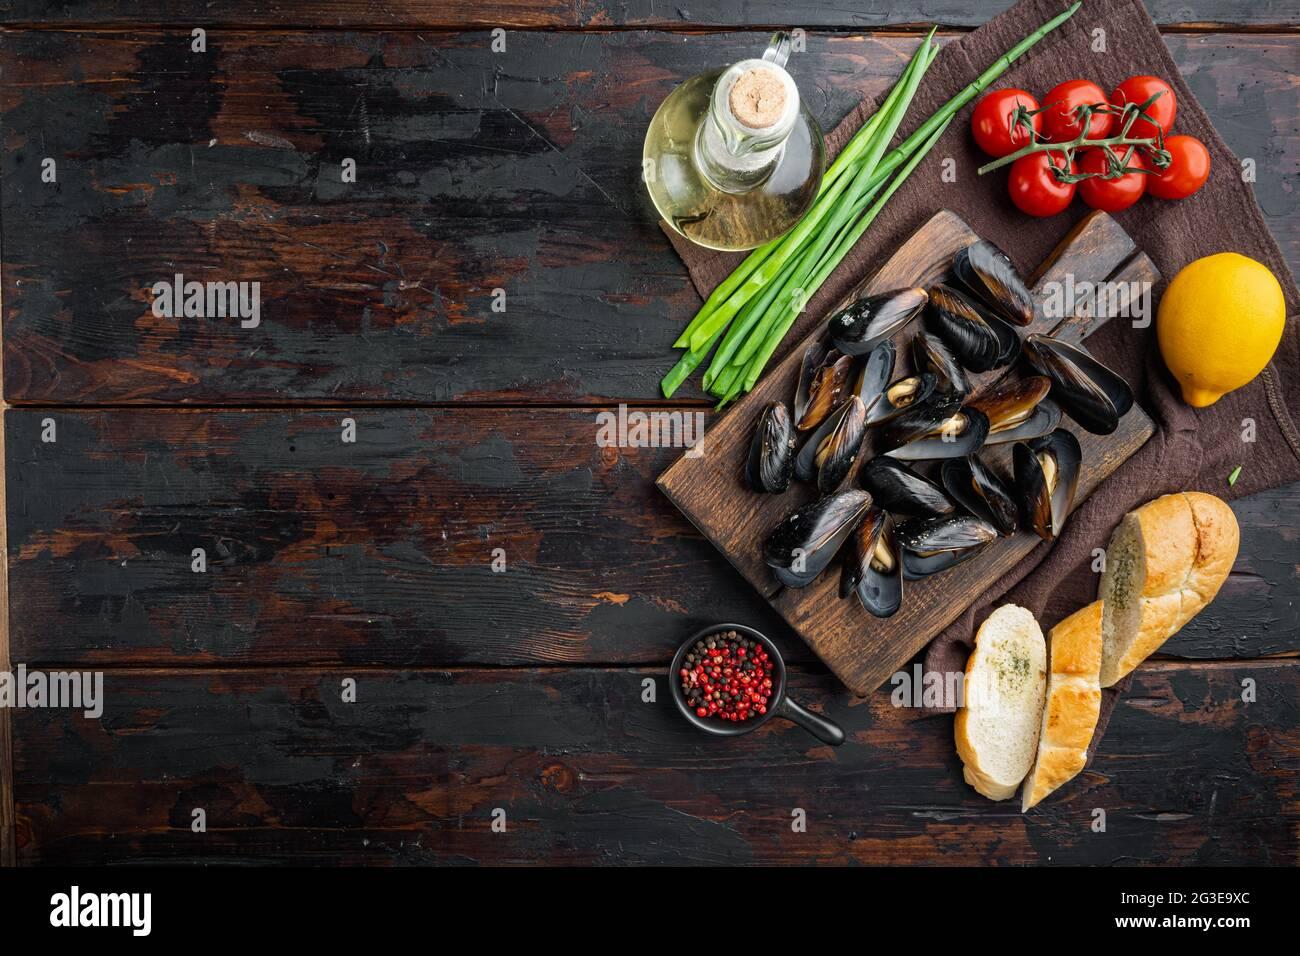 Moules cuites à la vapeur dans un décor de vin blanc, sur une planche à découper en bois, sur un arrière-plan de table en bois foncé, sur un plan de dessus, avec copyspace et espace pour le texte Banque D'Images